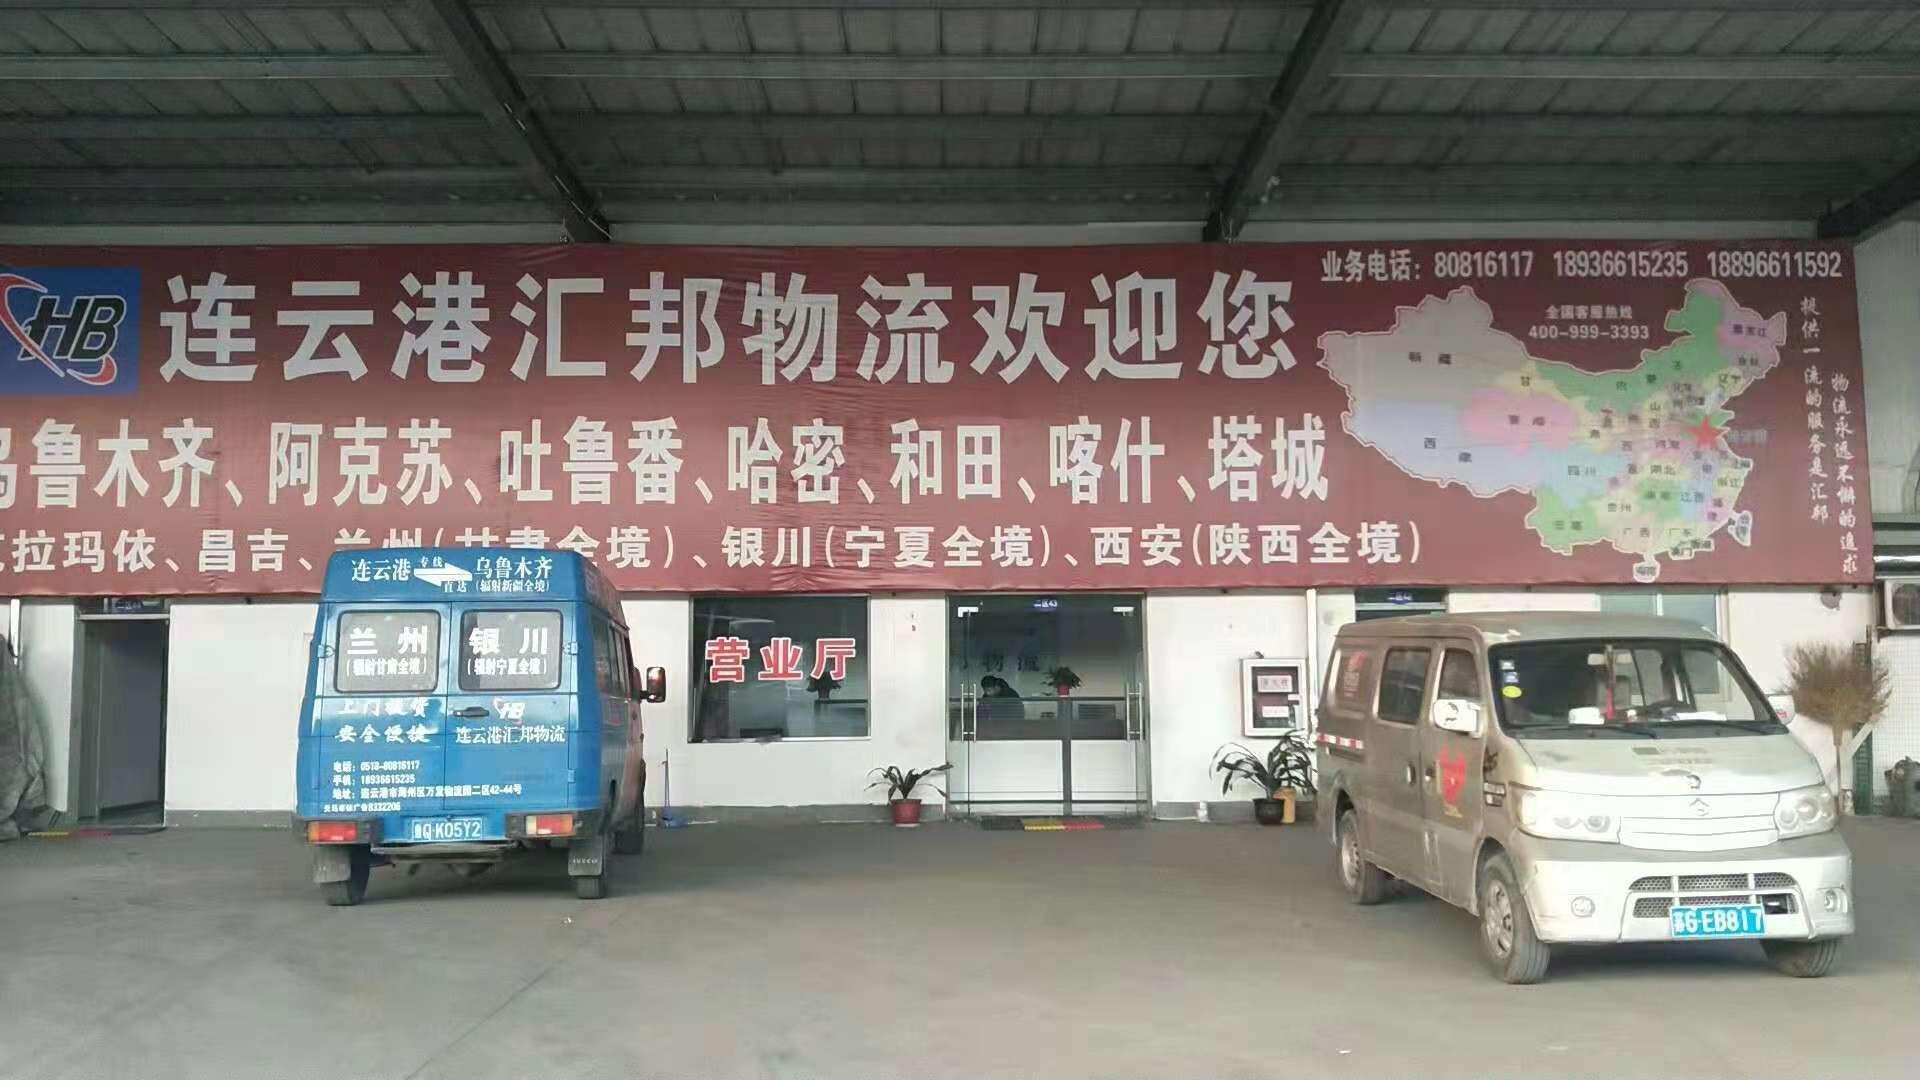 连云港到天津专线,连云港到重庆专线,专业专线找神州物流